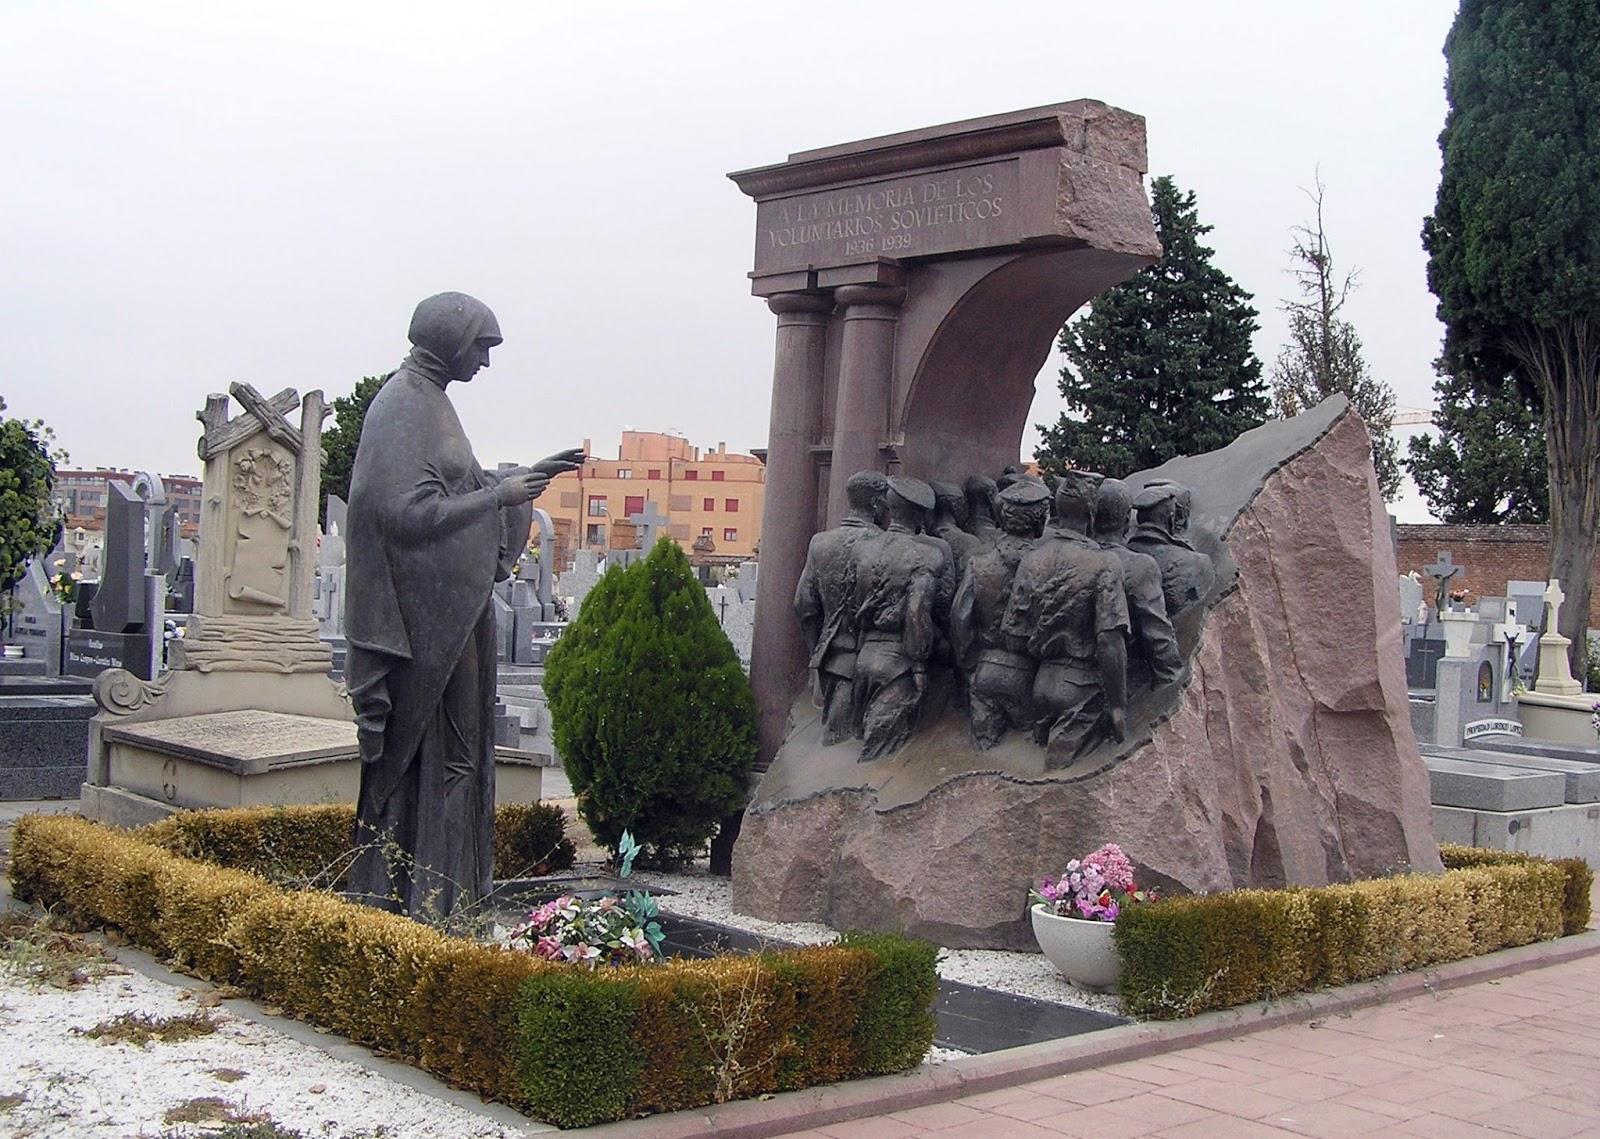 """""""Monumento a los voluntarios soviéticos en la Guerra Civil Española"""", de Rukavishinikov y Voskresenskiy, en Madrid"""